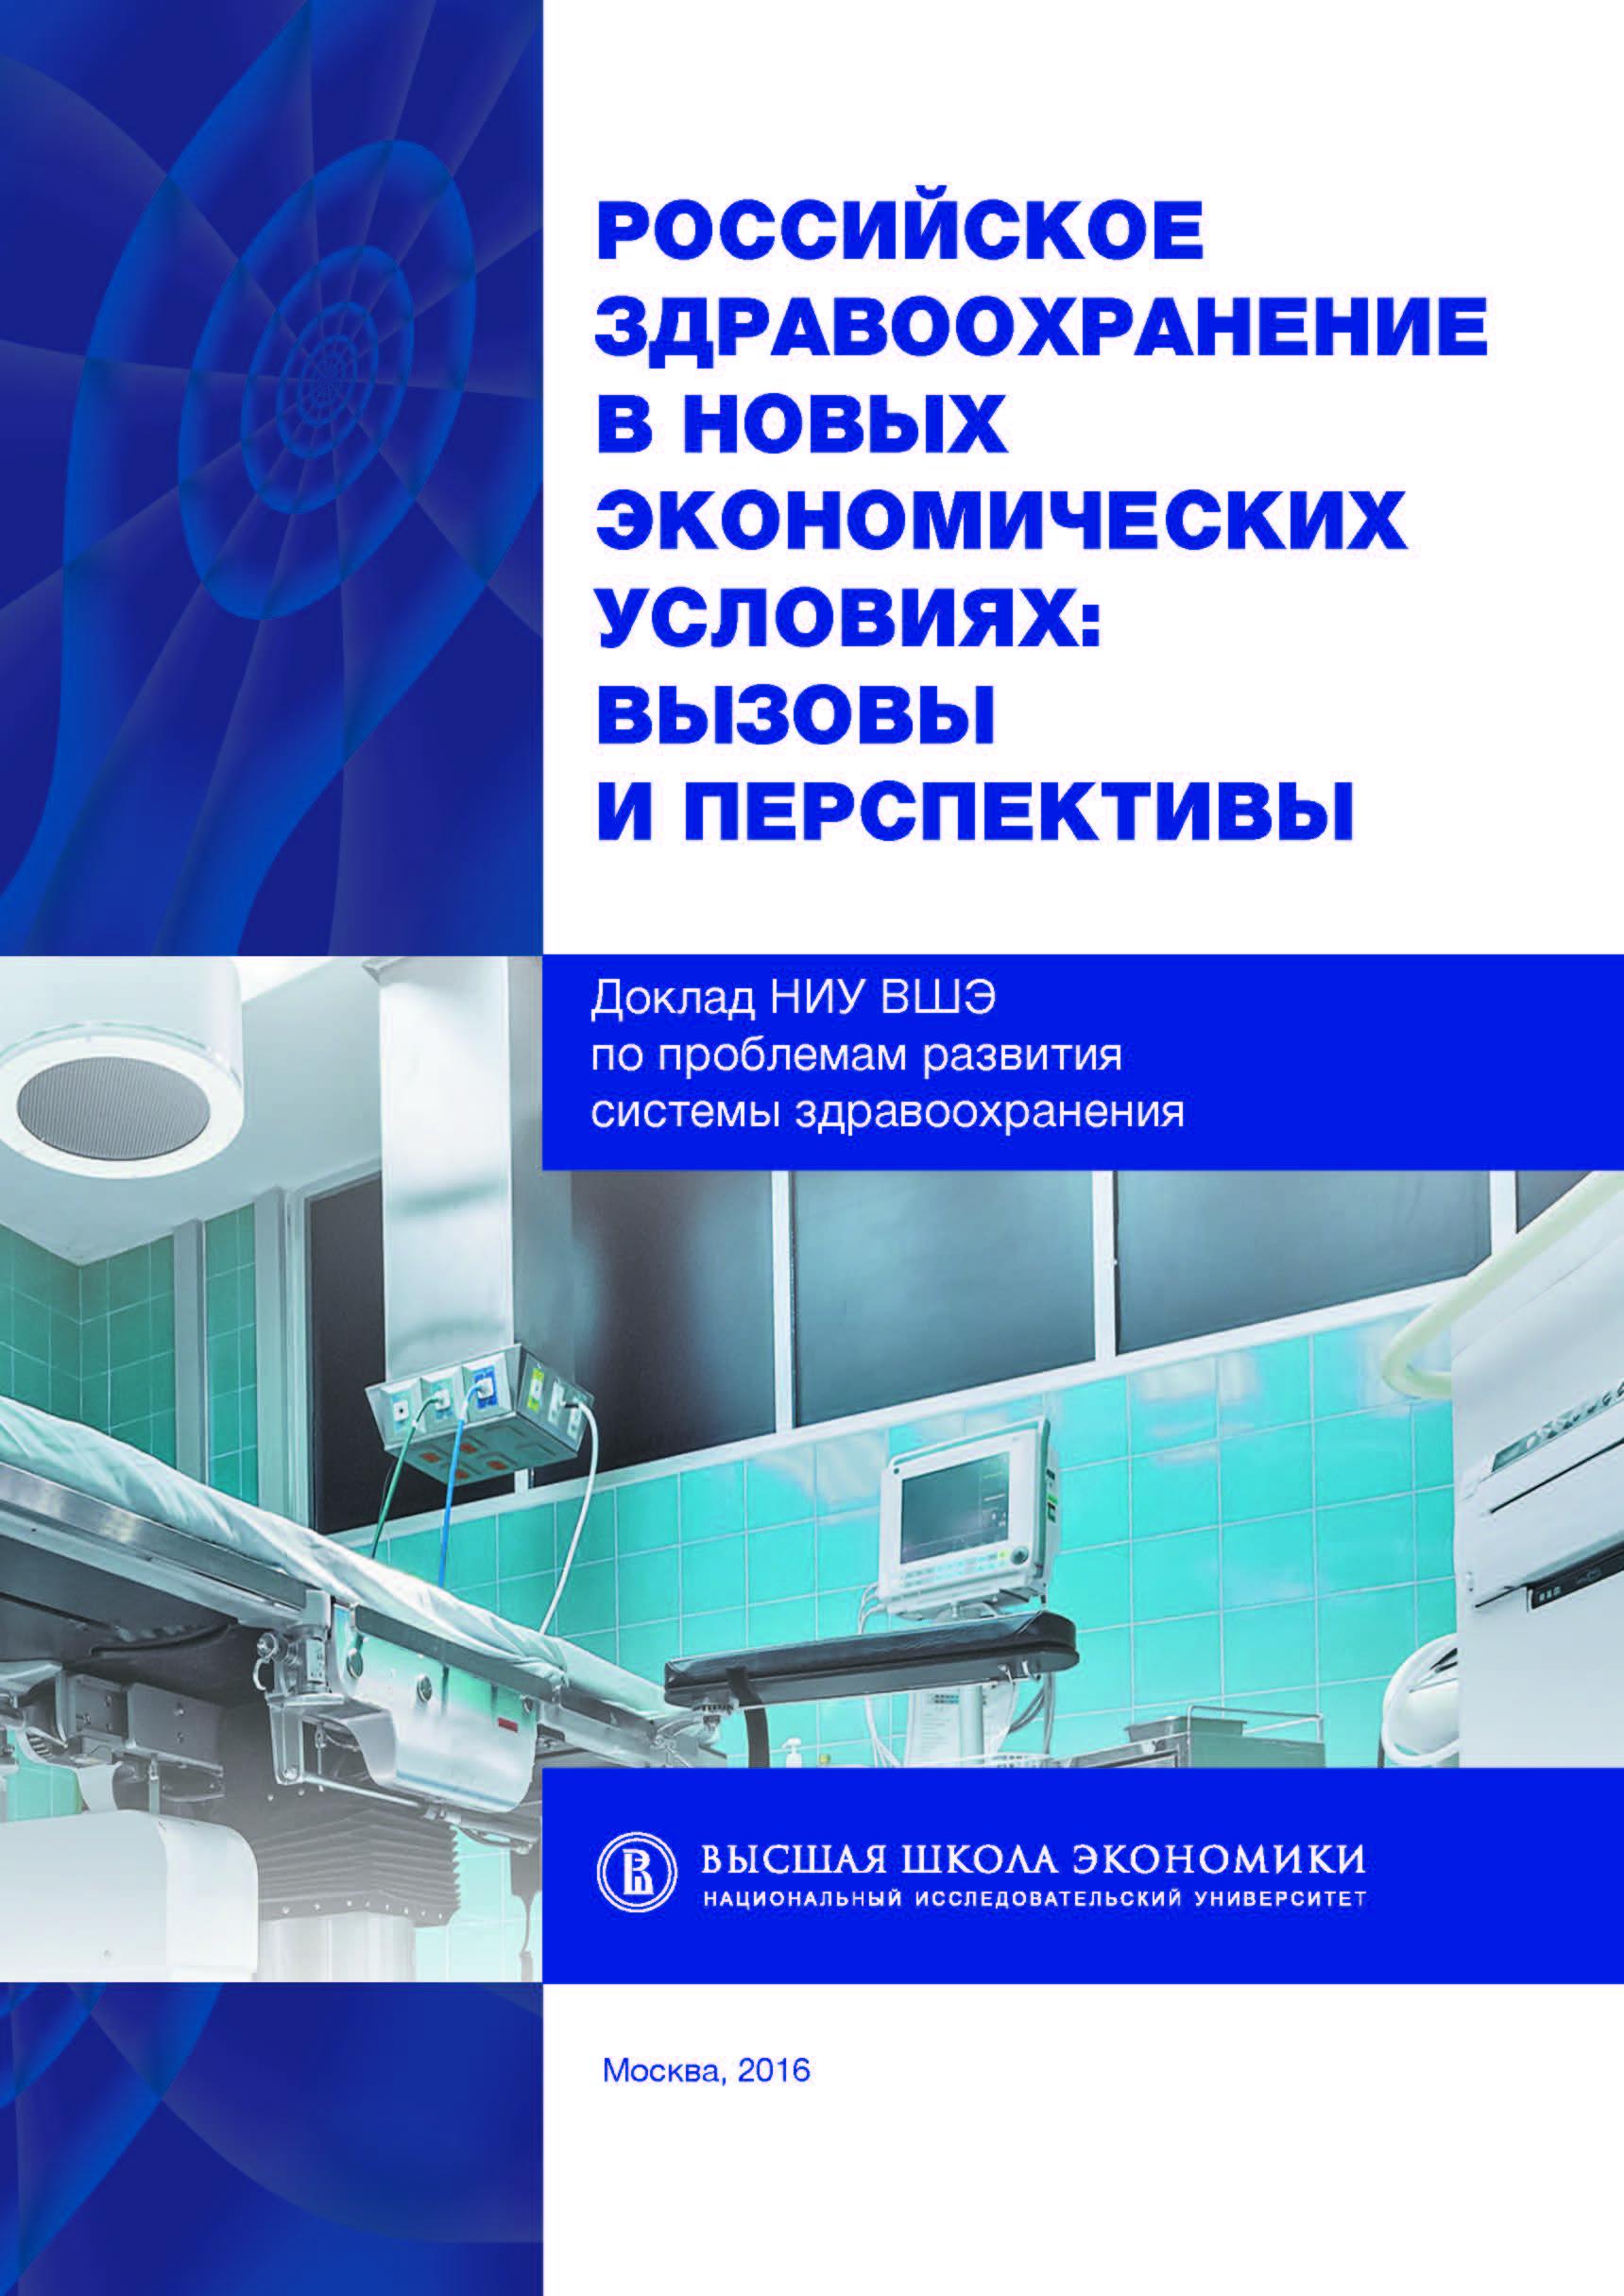 Российское здравоохранение в новых экономических условиях: вызовы и перспективы. Доклад НИУ ВШЭ по проблемам развития системы здравоохранения